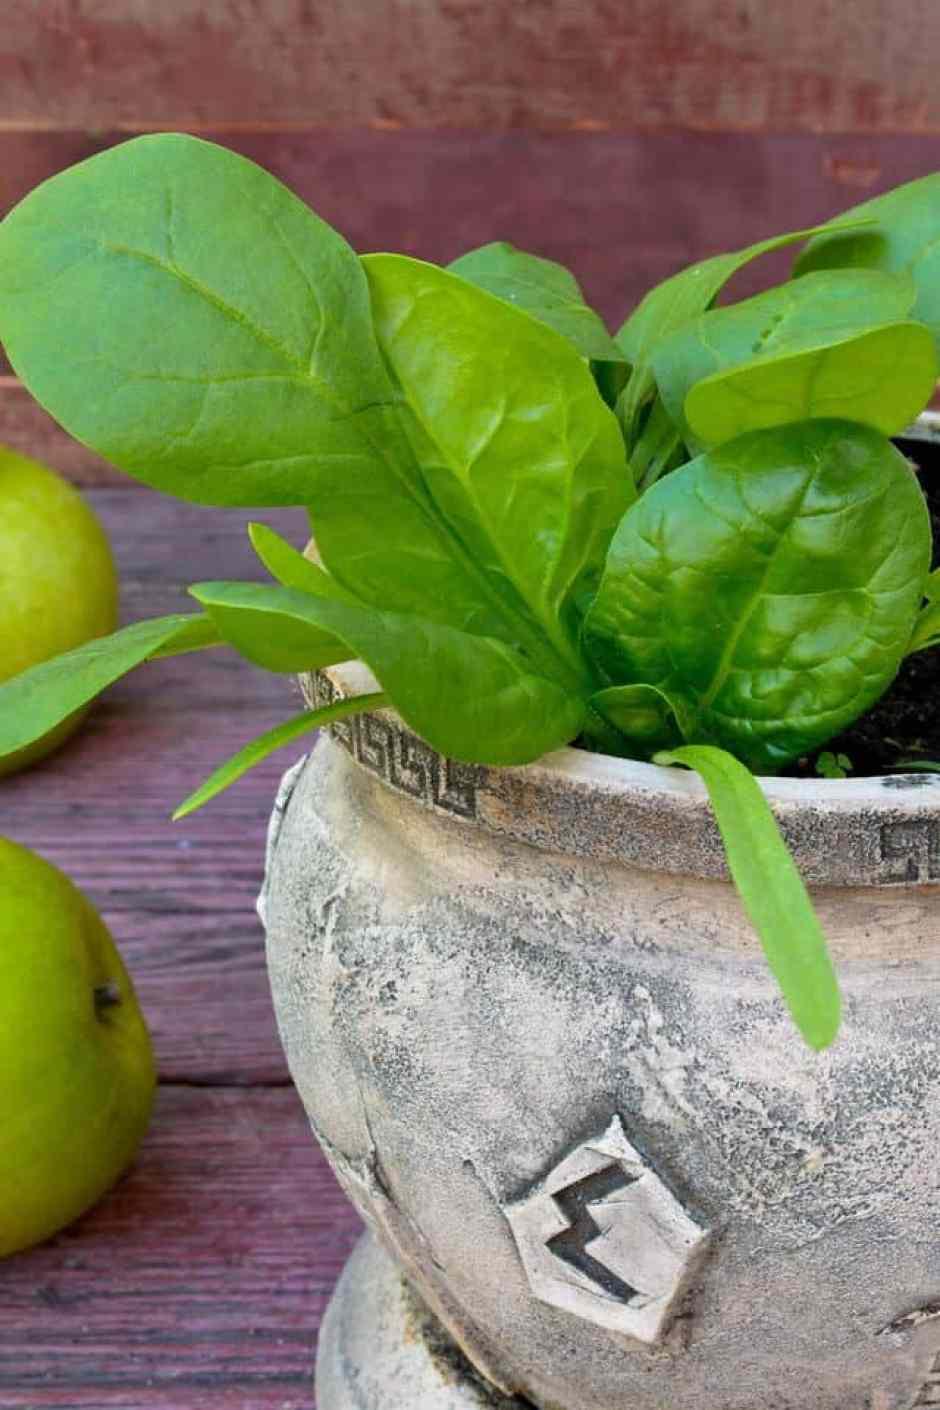 Le verdure a foglia verde, e quindi anche gli spinaci, possono essere coltivati bene al chiuso per tutto l'anno. Il segreto è un buon drenaggio